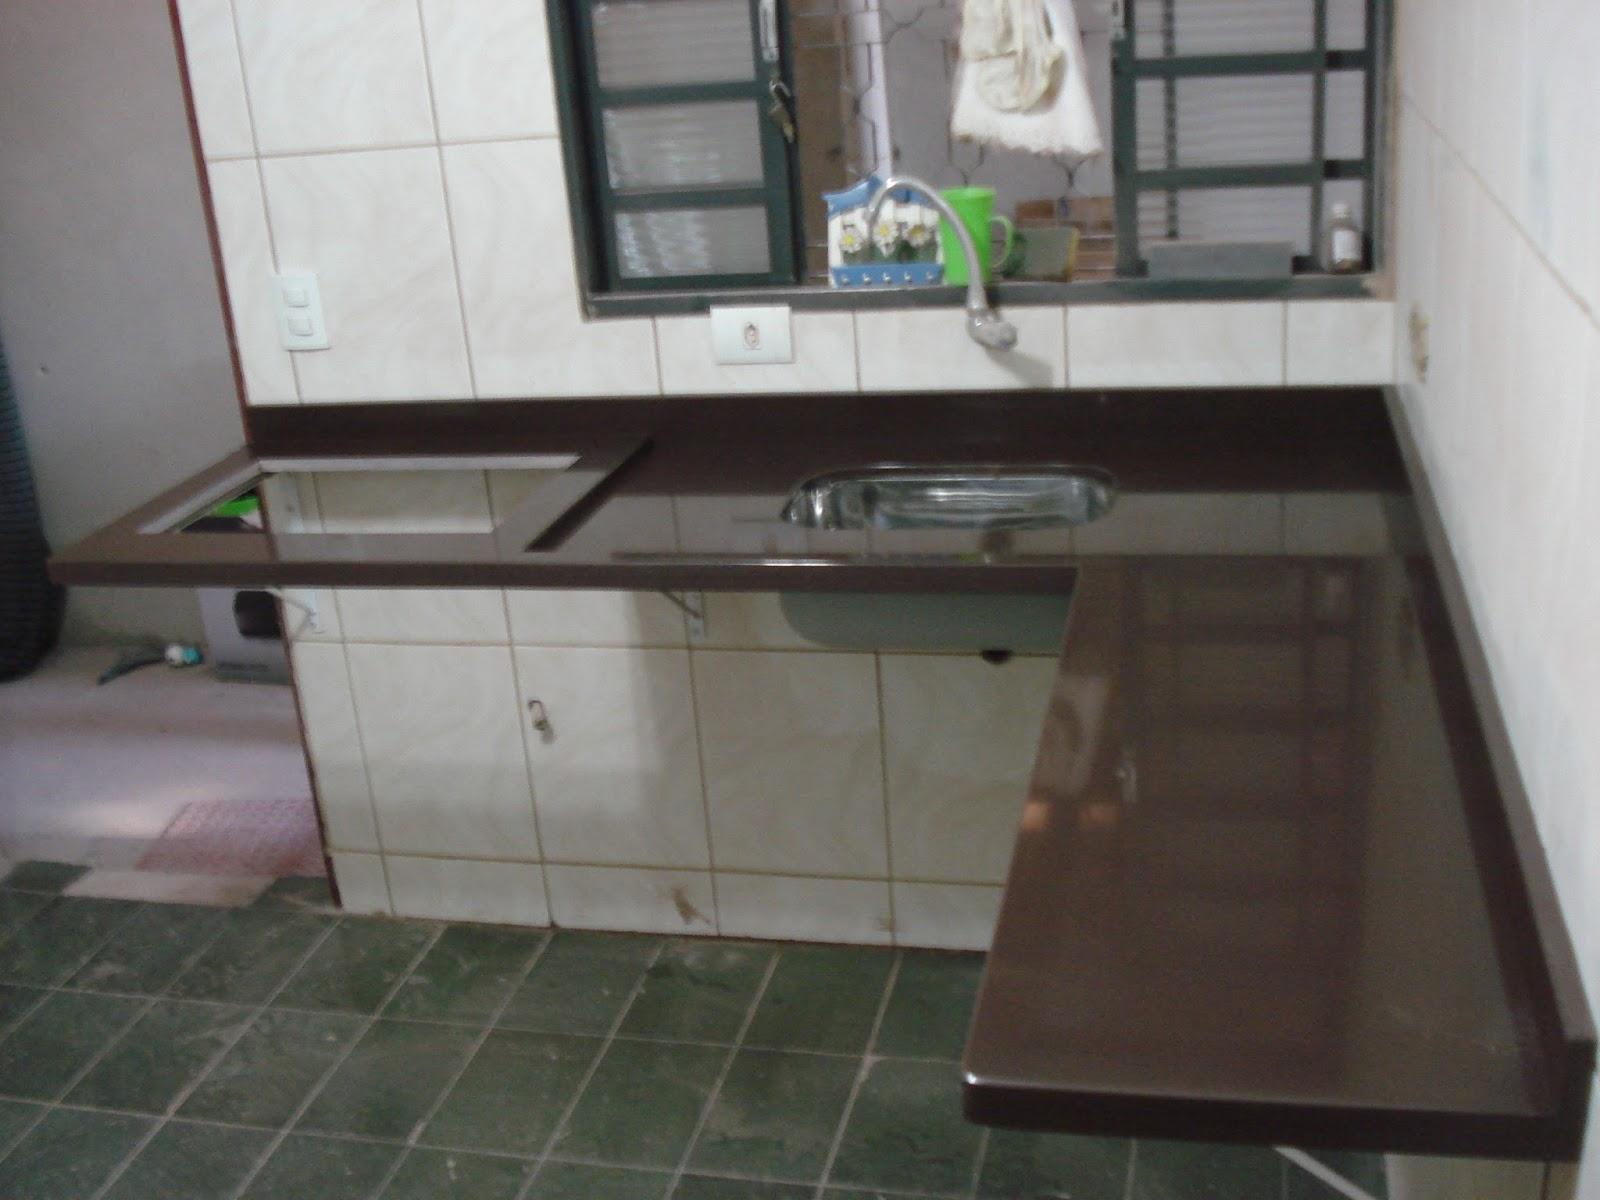 Cozinha Planejada no Granito Marrom Absoluto acabamento Duplo Reto. #5A7853 1600x1200 Banheiro Com Granito Marrom Absoluto